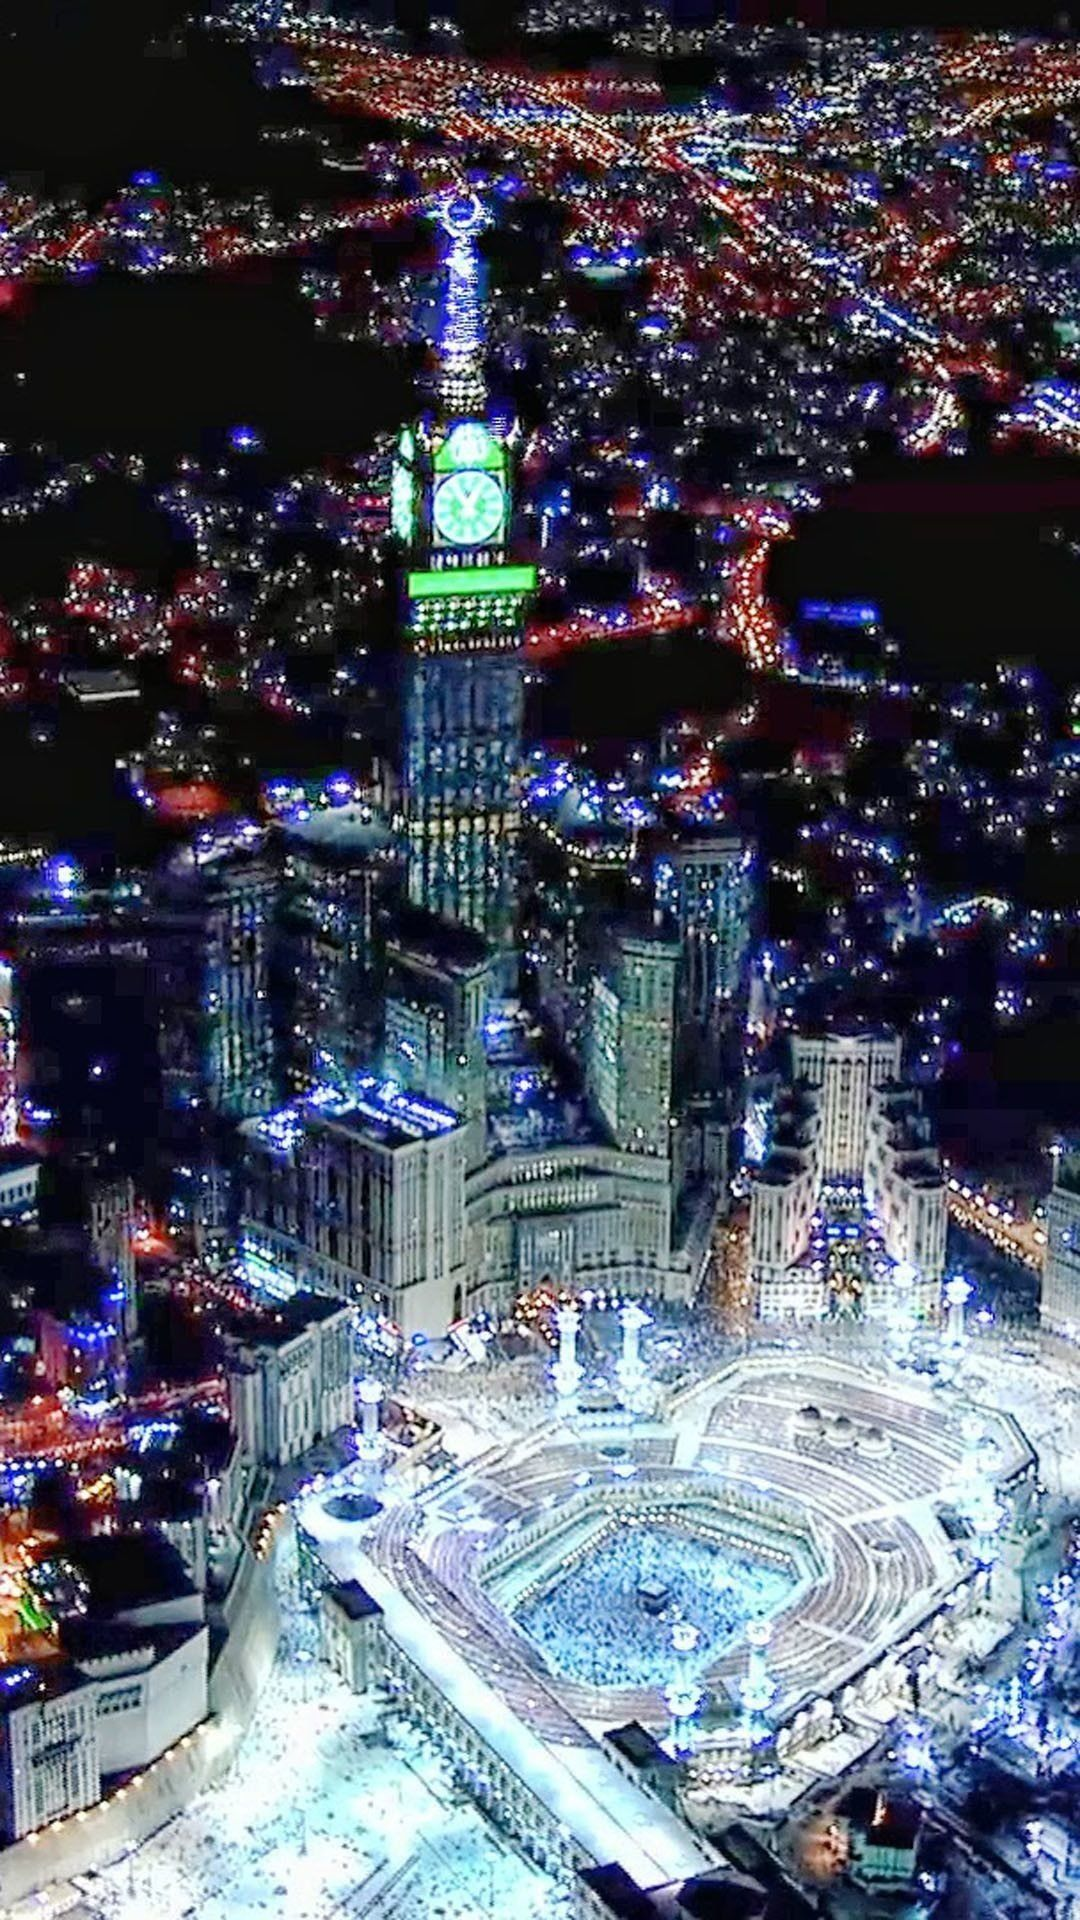 صور عالية الوضوح Hd لمدينة مكة المكرمة Mecca السعودية Saudi Arabia سياحة مساجد إسلام 29 Mecca Wallpaper Mecca Kaaba Mecca